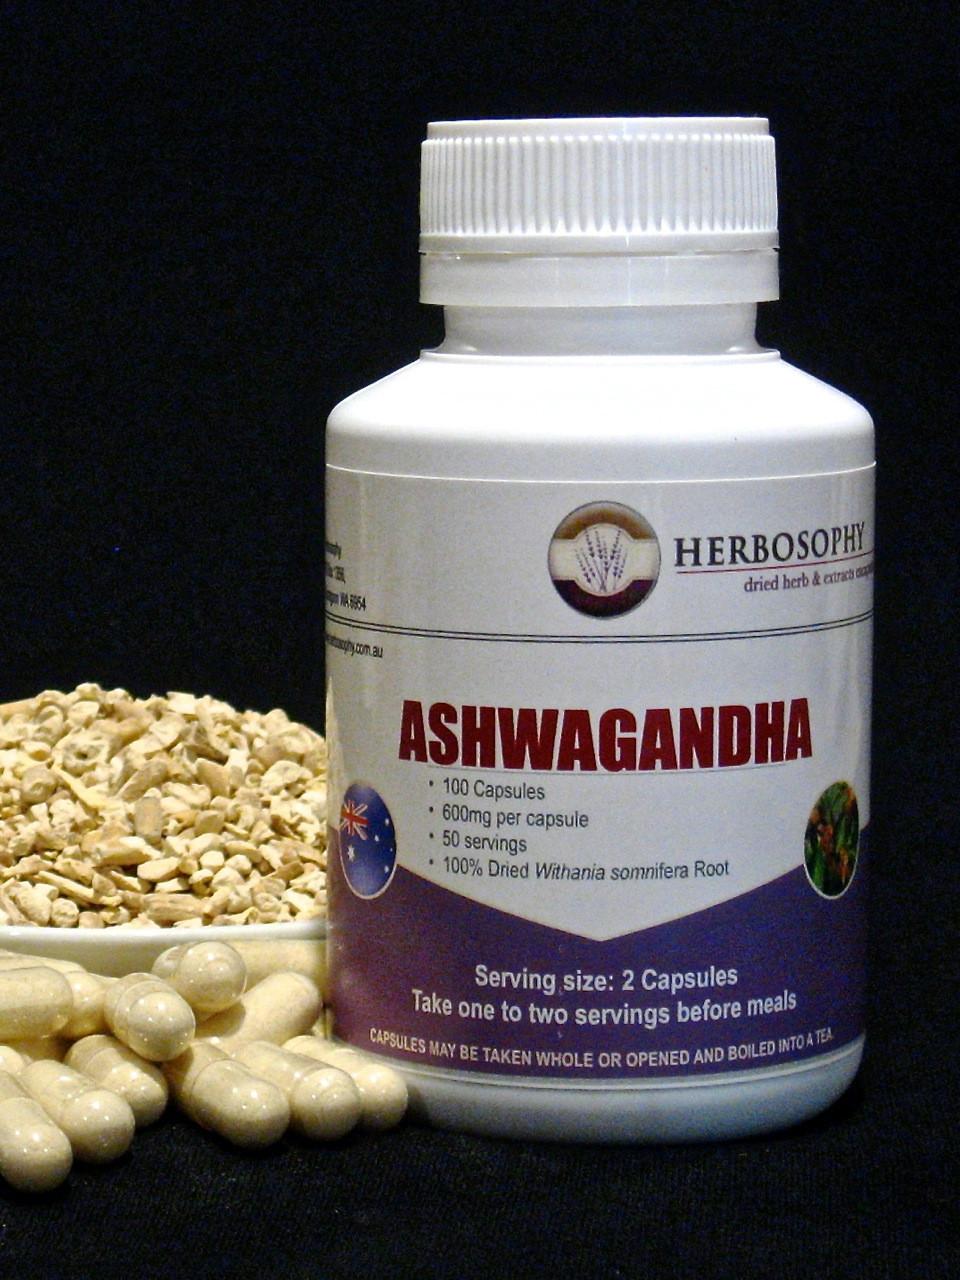 Ashwagandha australia